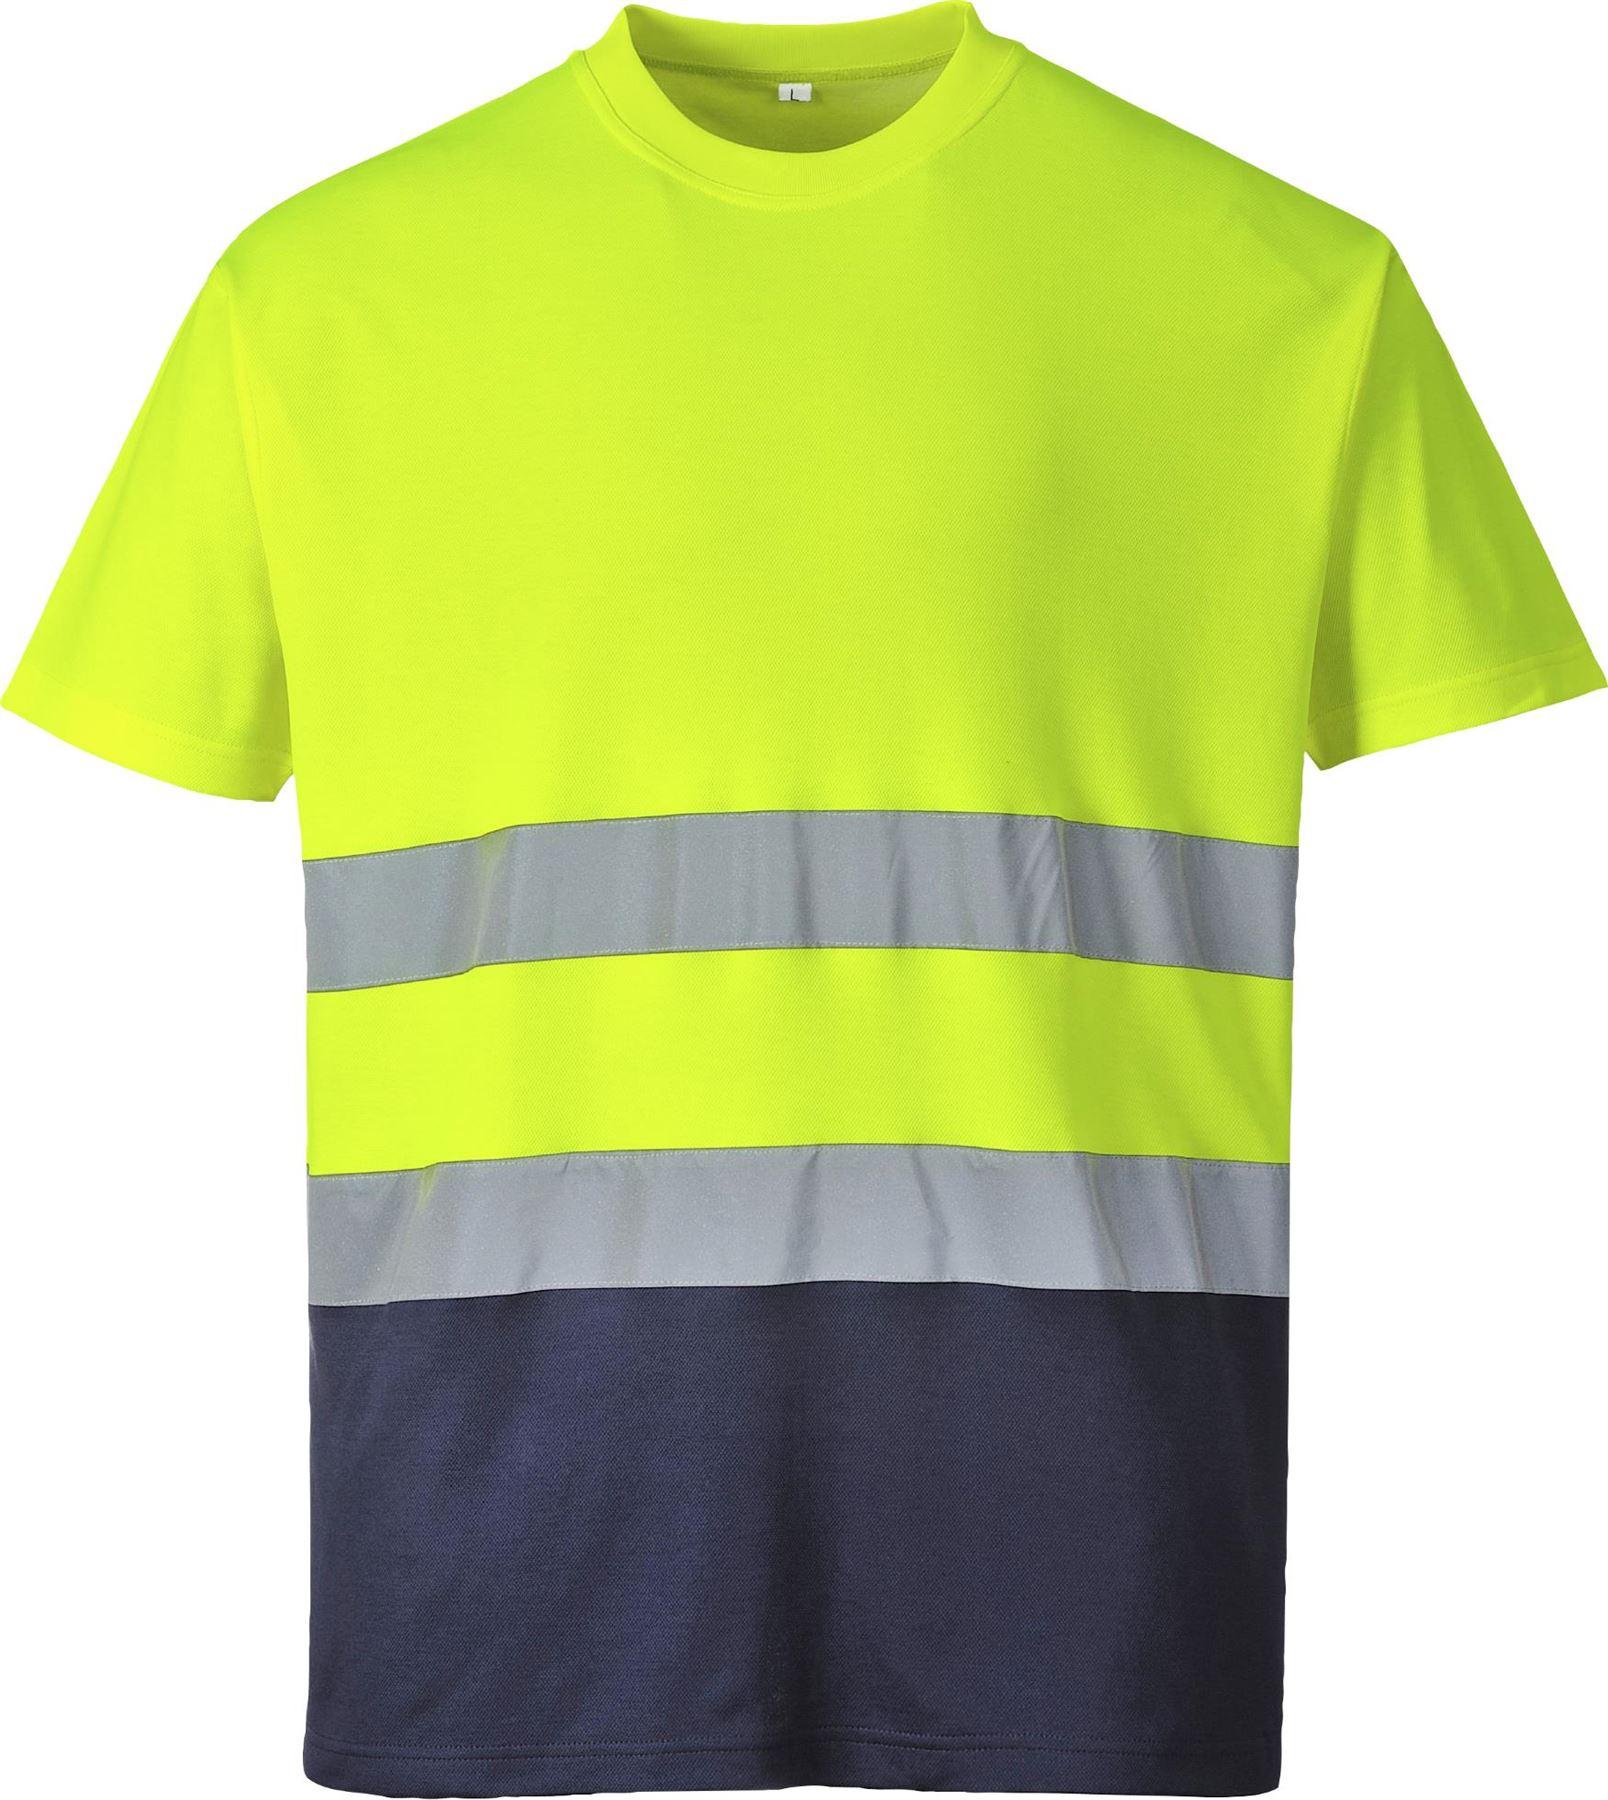 Portwest-due-toni-Comfort-Cotone-T-Shirt-Polo-Hi-Vis-Workwear-s173